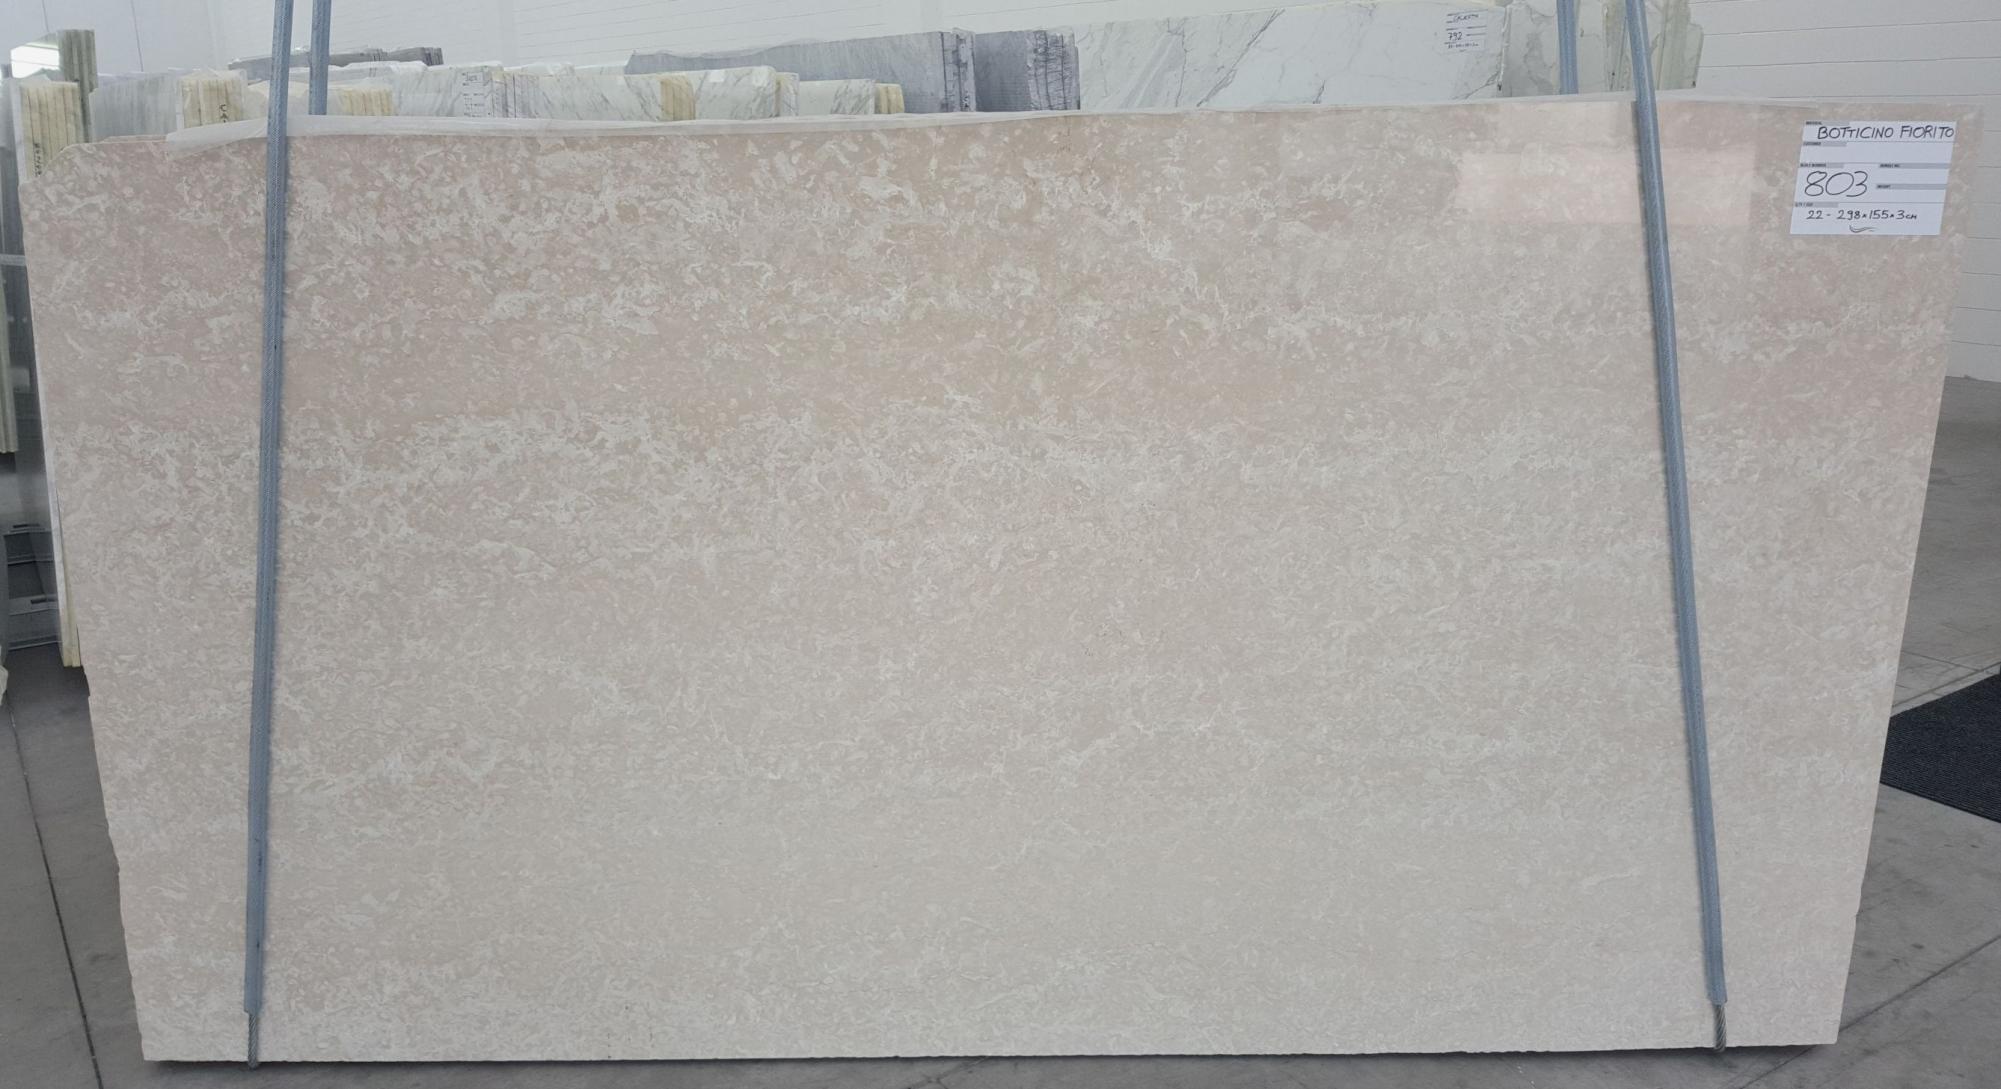 BOTTICINO FIORITO LIGHT Suministro Verona (Italia) de planchas pulidas en mármol natural 1149 , Bundle #1-2